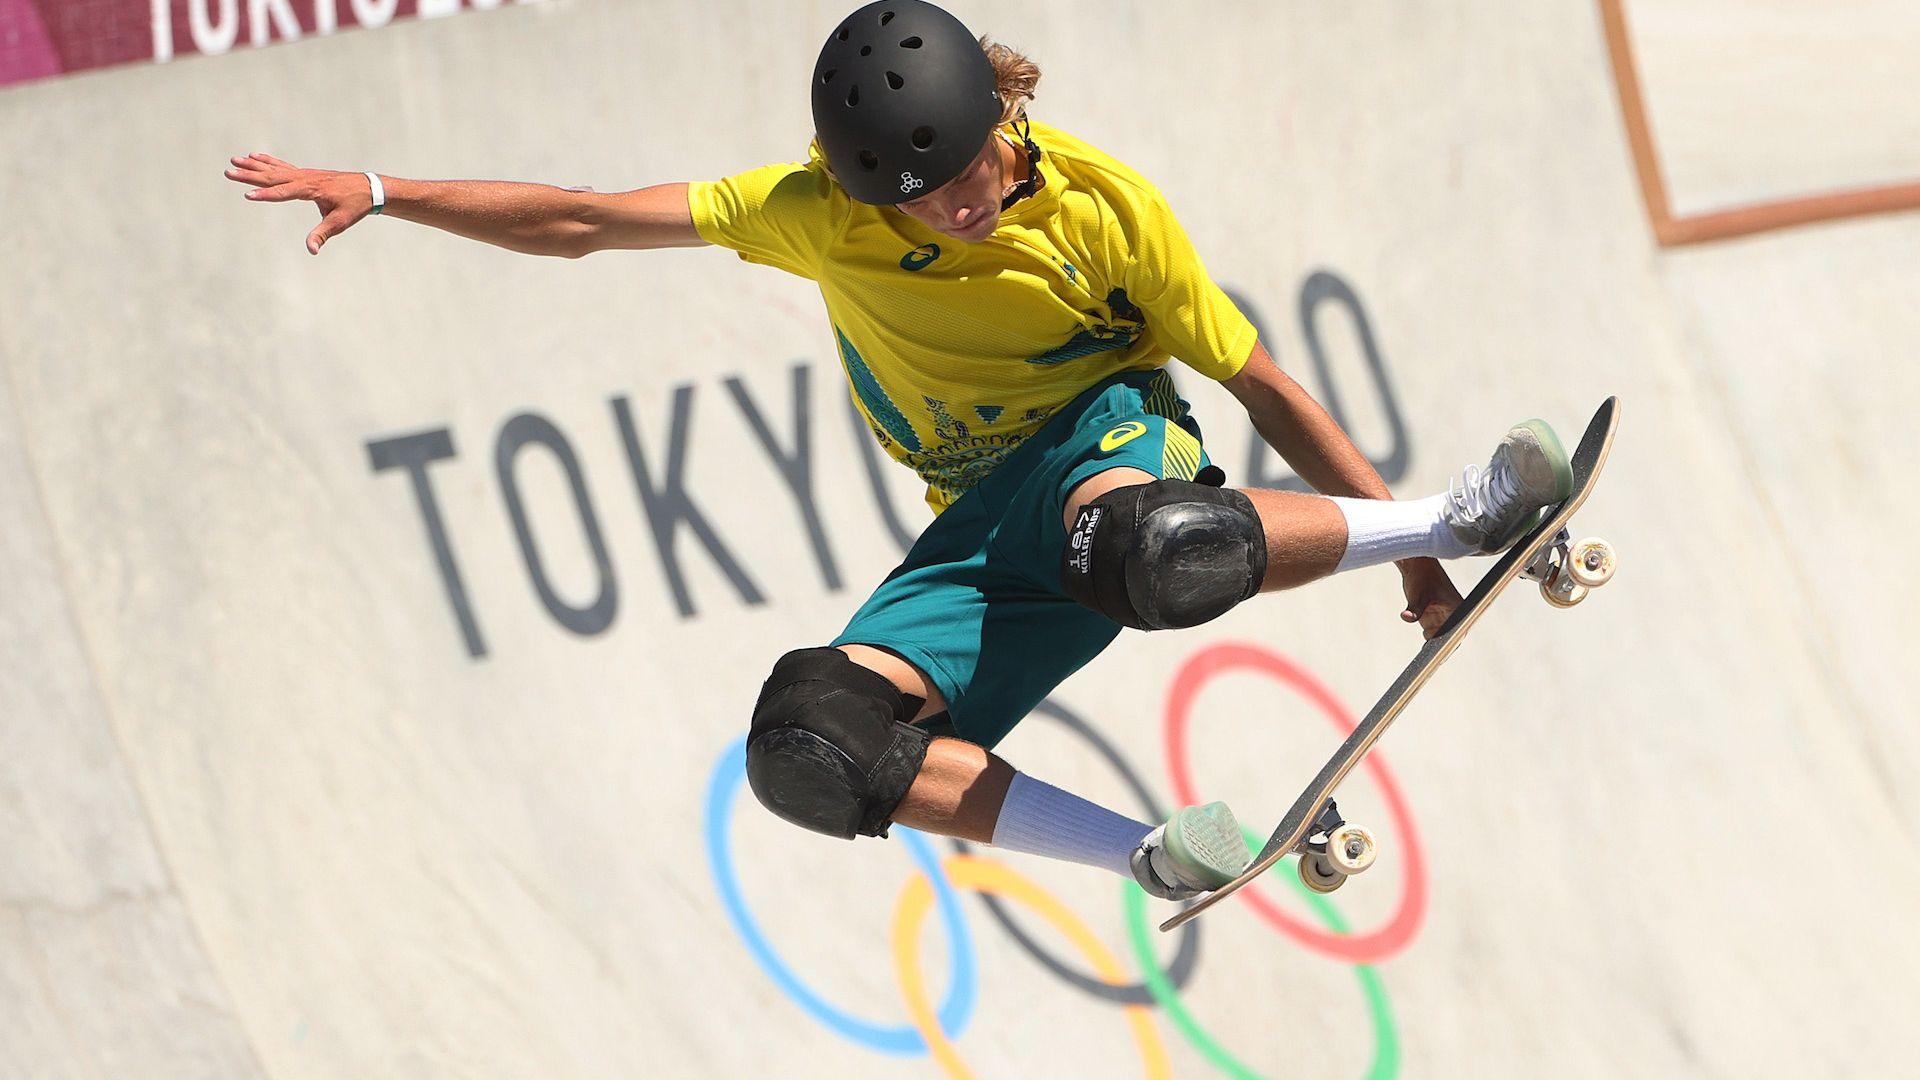 Австралийски тийнейджър взе дебютно злато в скейтборда